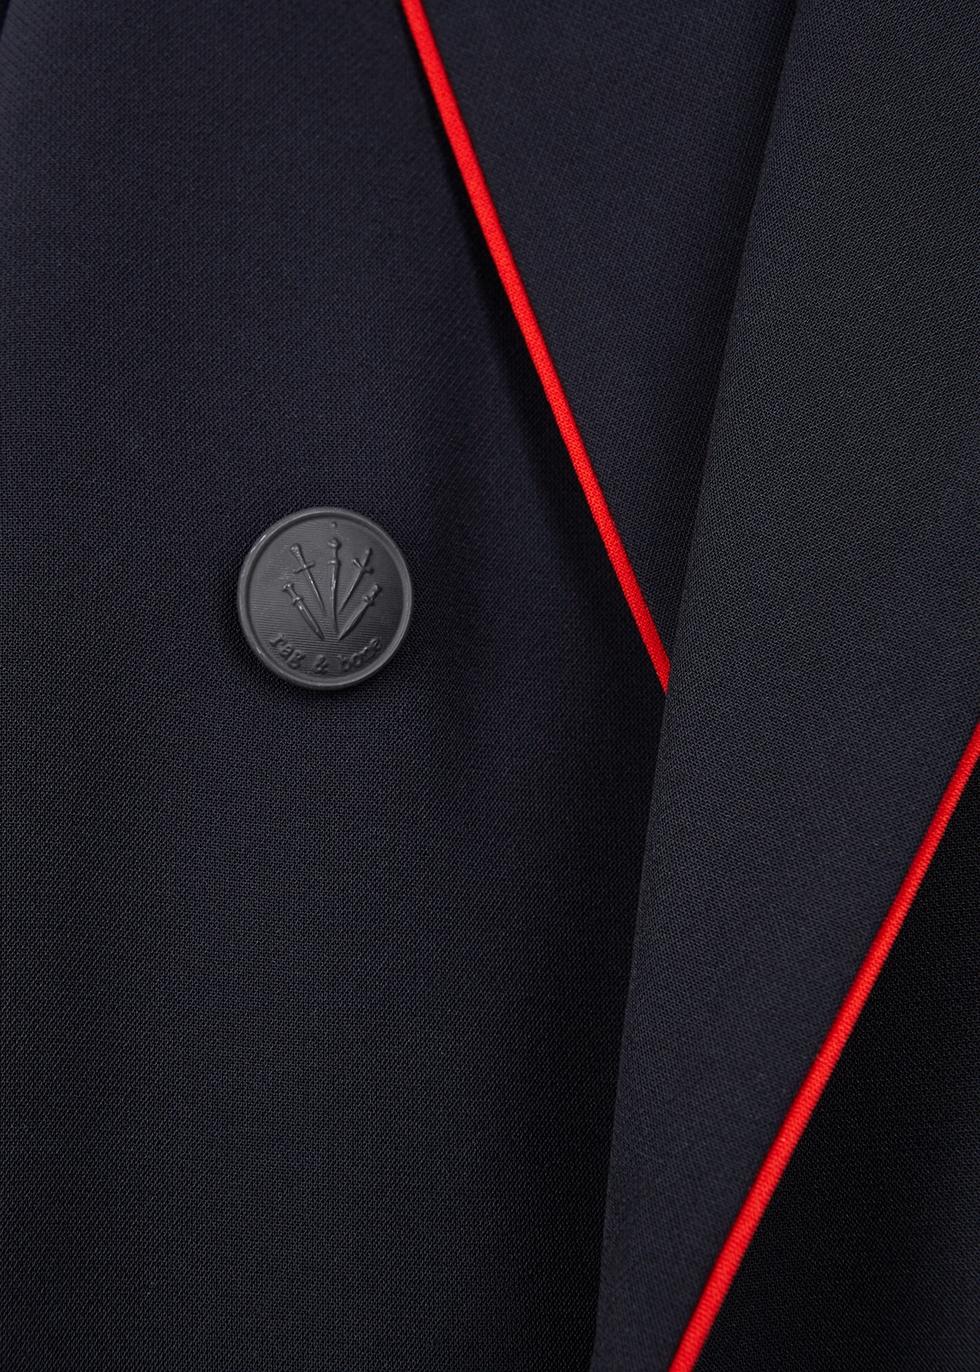 Jarvis red-trimmed blazer - rag & bone